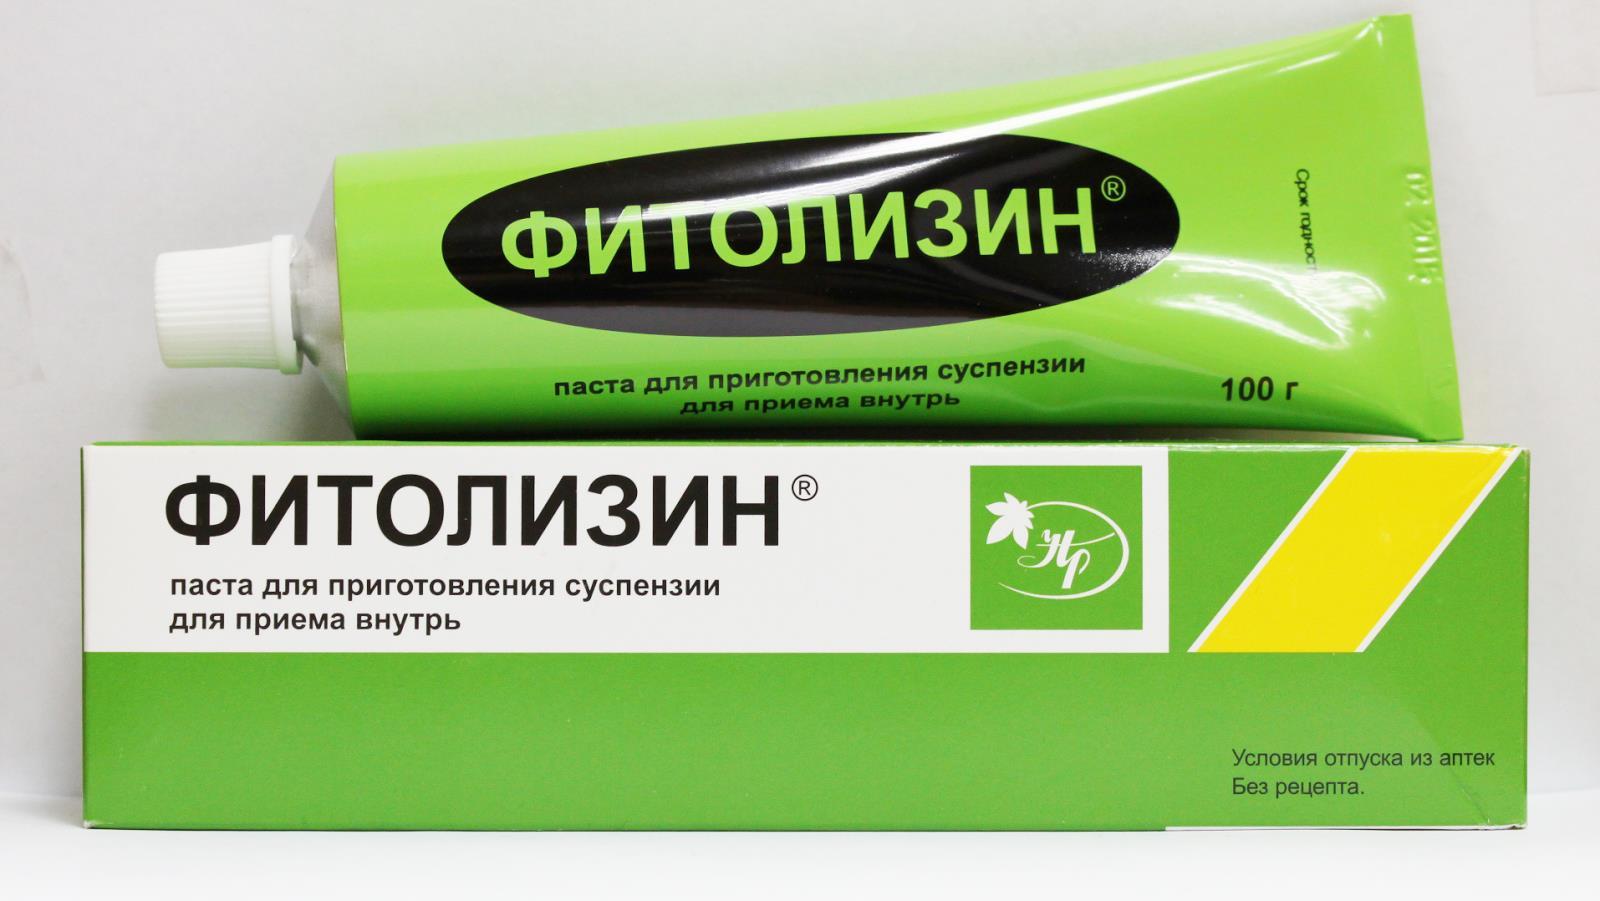 Фитолизин — действенное средство для избавления от цистита